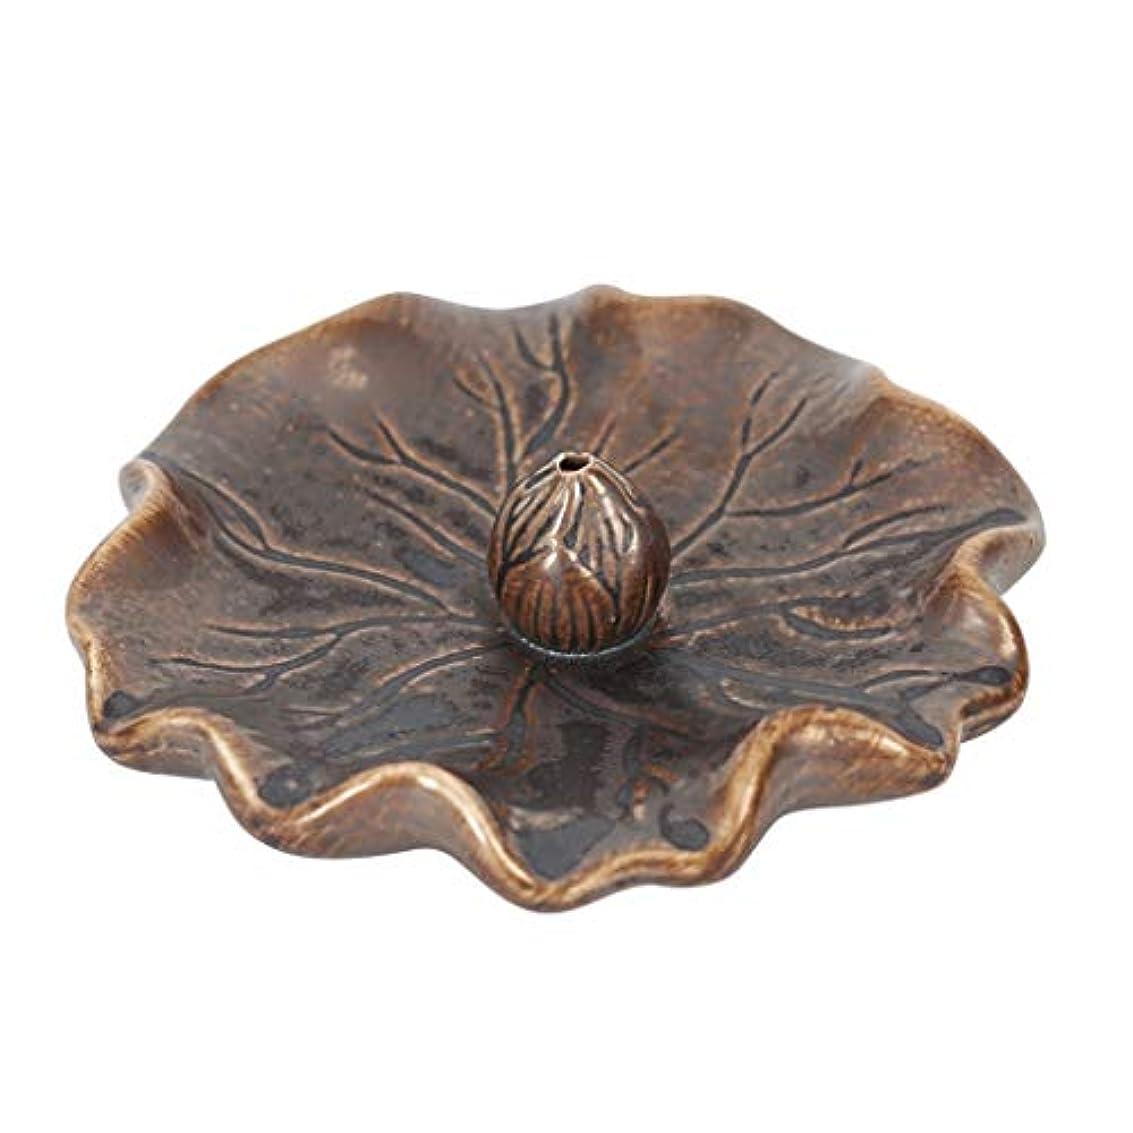 土器透過性解明するライン香バーナー蓮の葉アンティーク香ホルダービャクダン炉ホーム屋内香りの良い皿セラミック香ホルダー (Color : Brass, サイズ : 4.52*1.18inchs)